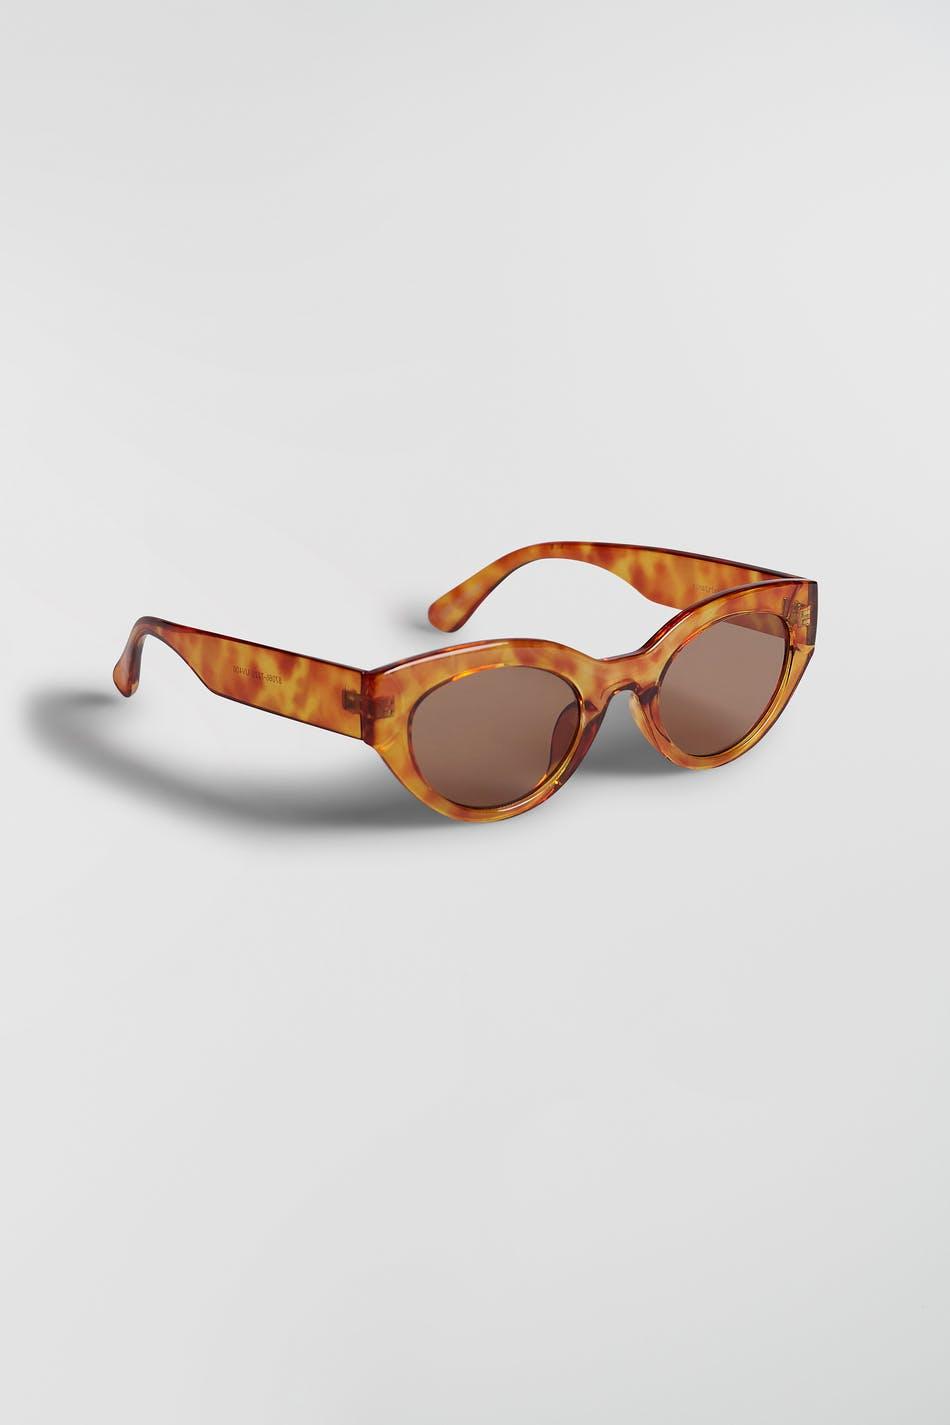 Solbriller fra Gina Tricot